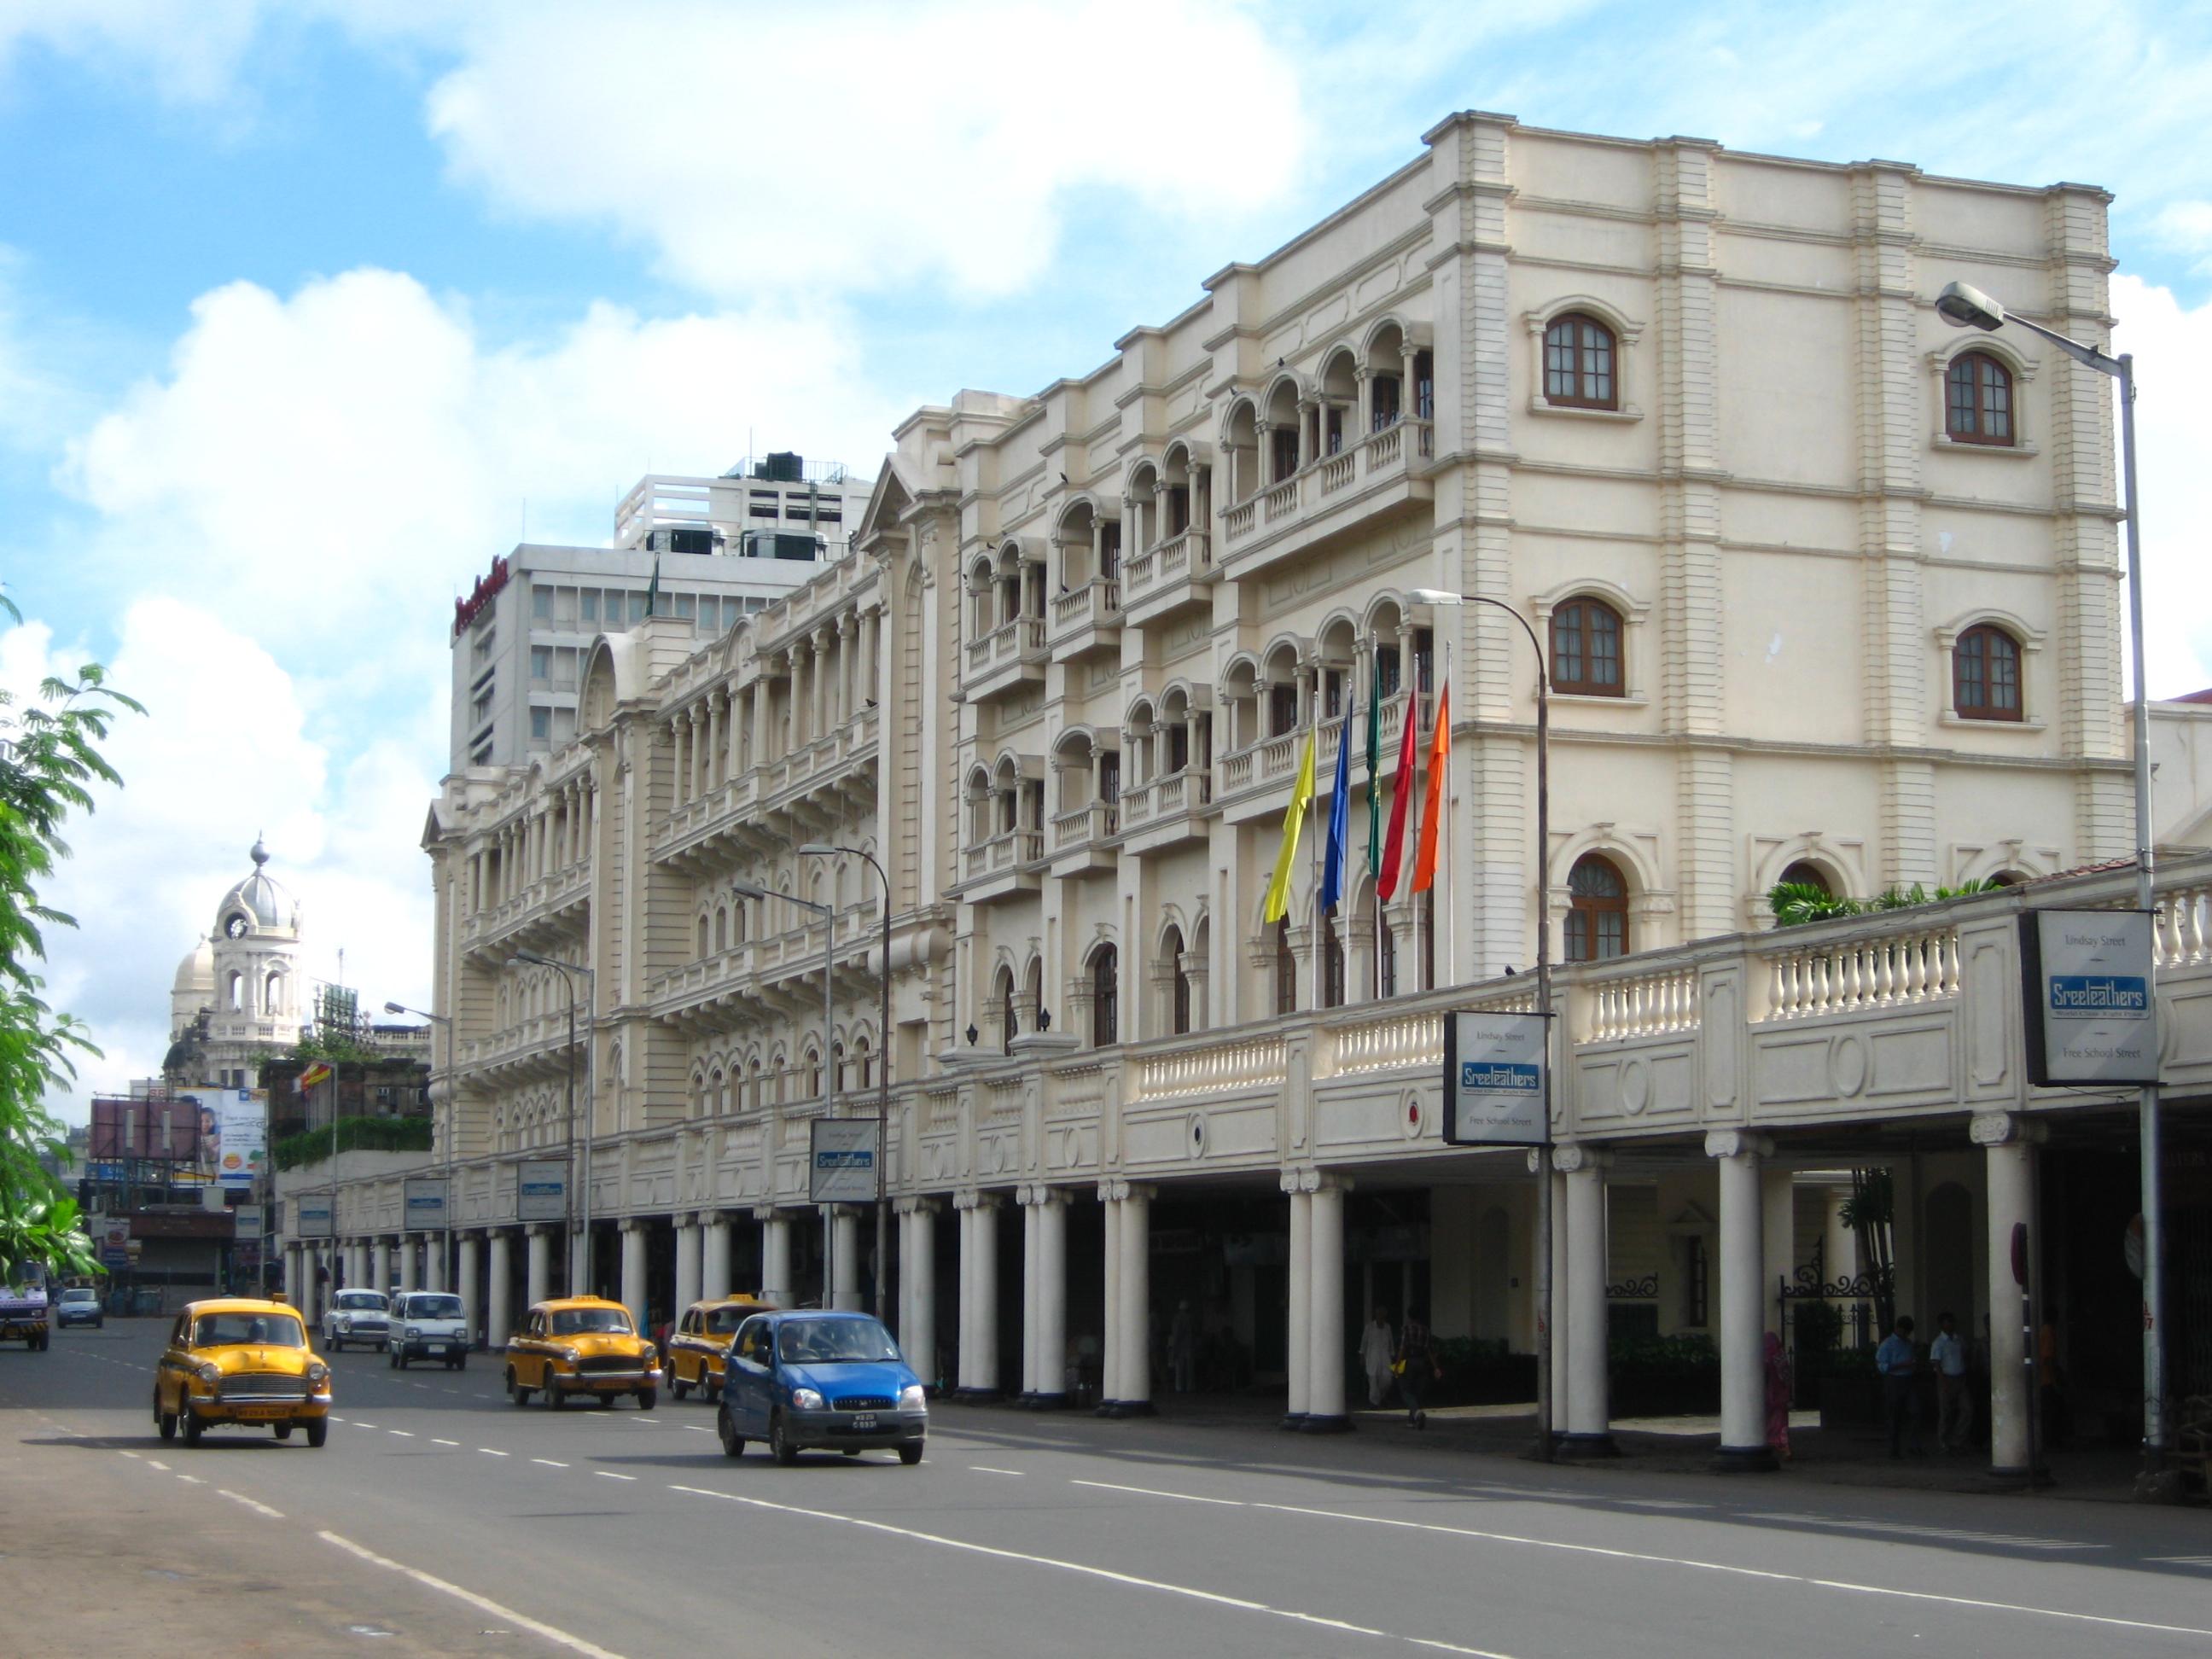 Grand Hotel Kolkata Wikipedia